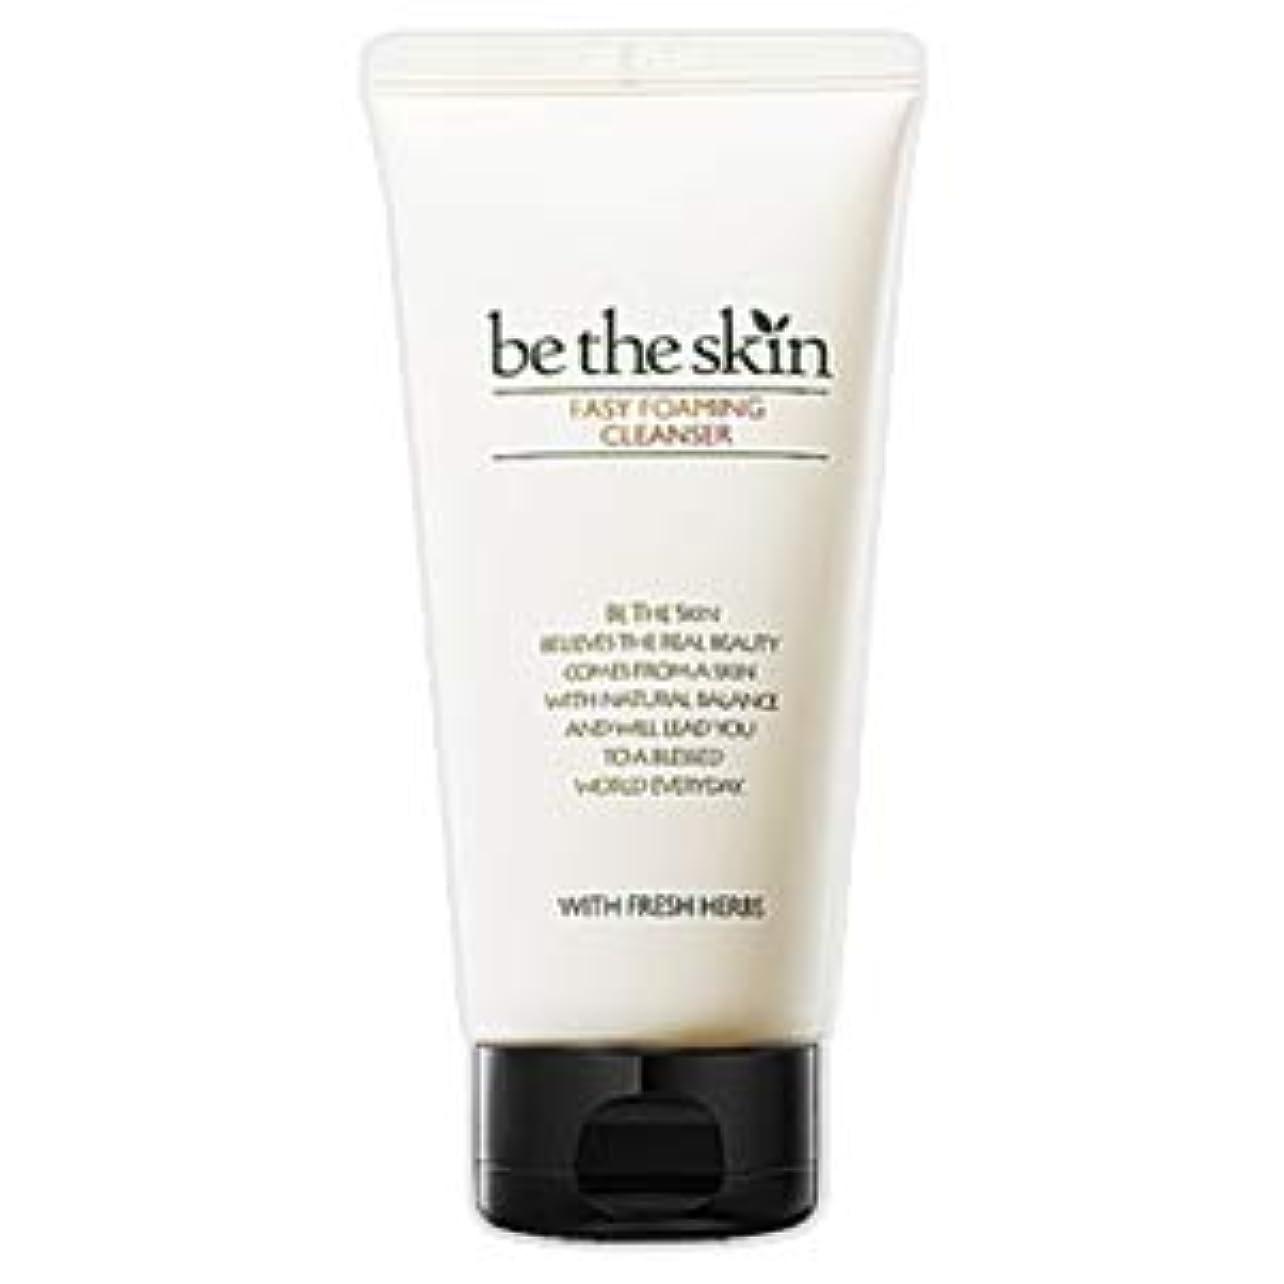 スクラブ周術期アスレチックbe the skin イージー フォーミング クレンザー / Easy Foaming Cleanser (150g) [並行輸入品]